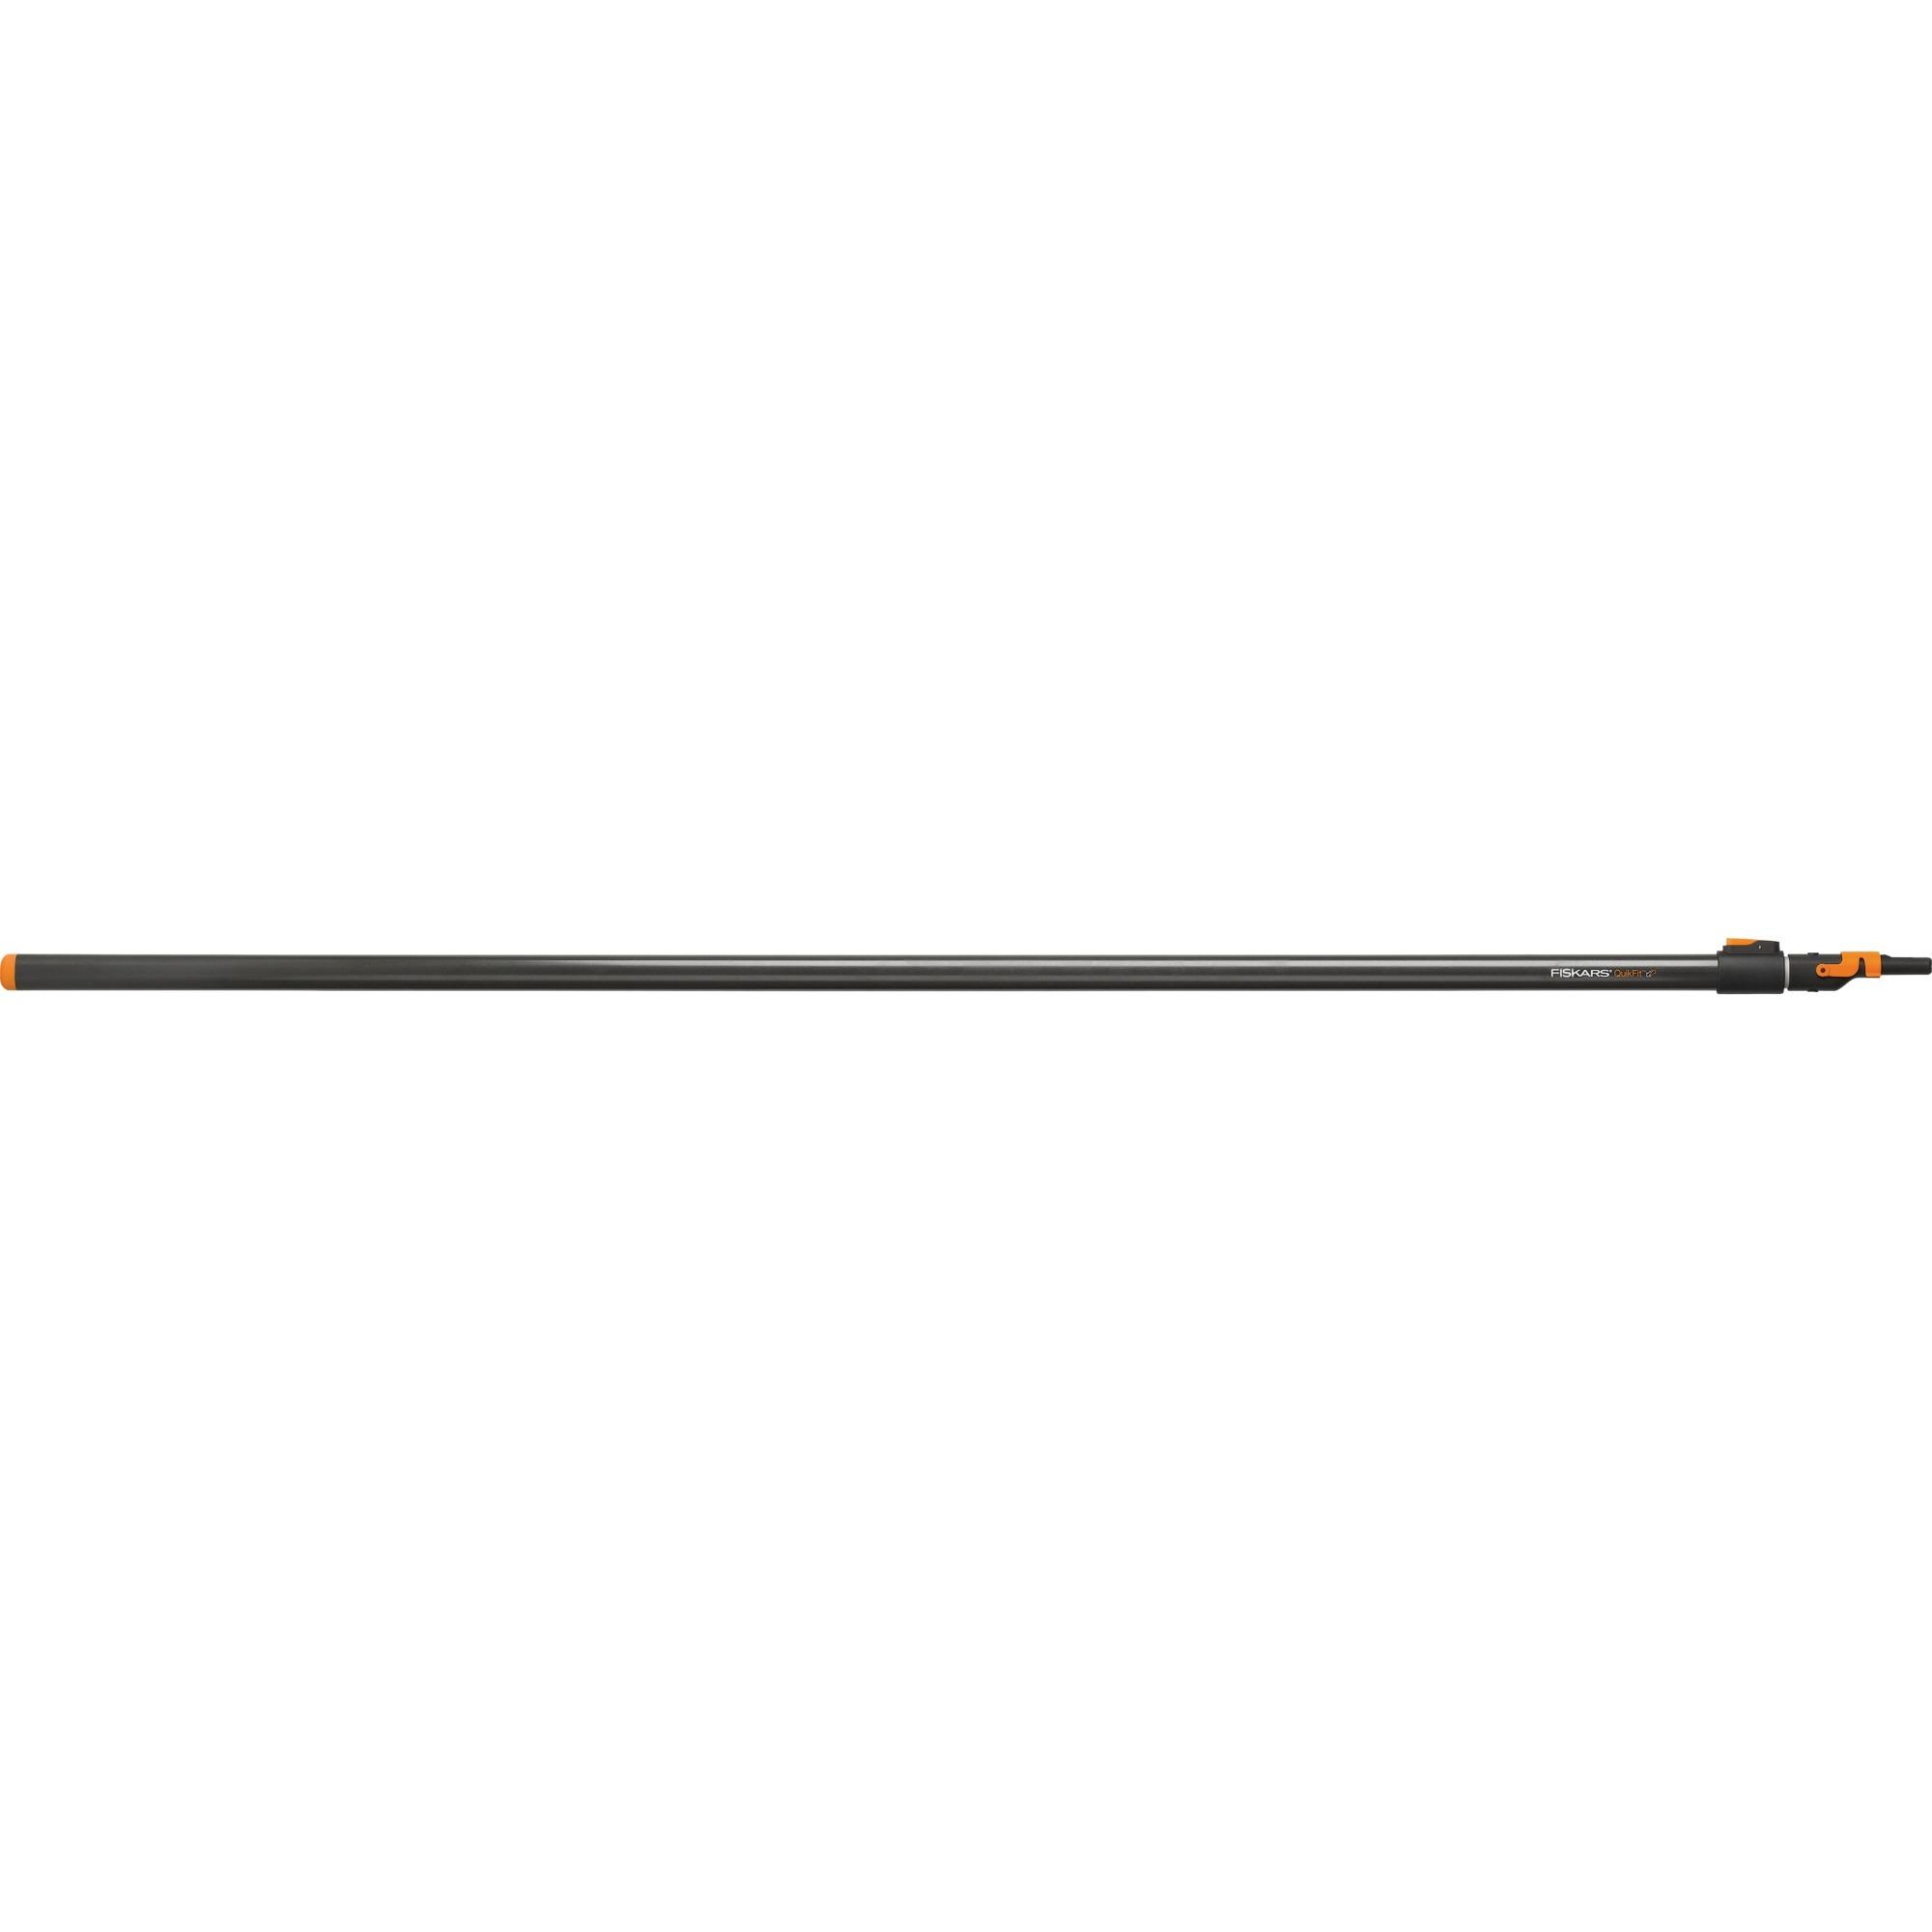 136032 Aluminio Mango de herramienta manual eje de herramientas manuales, mango y adaptador